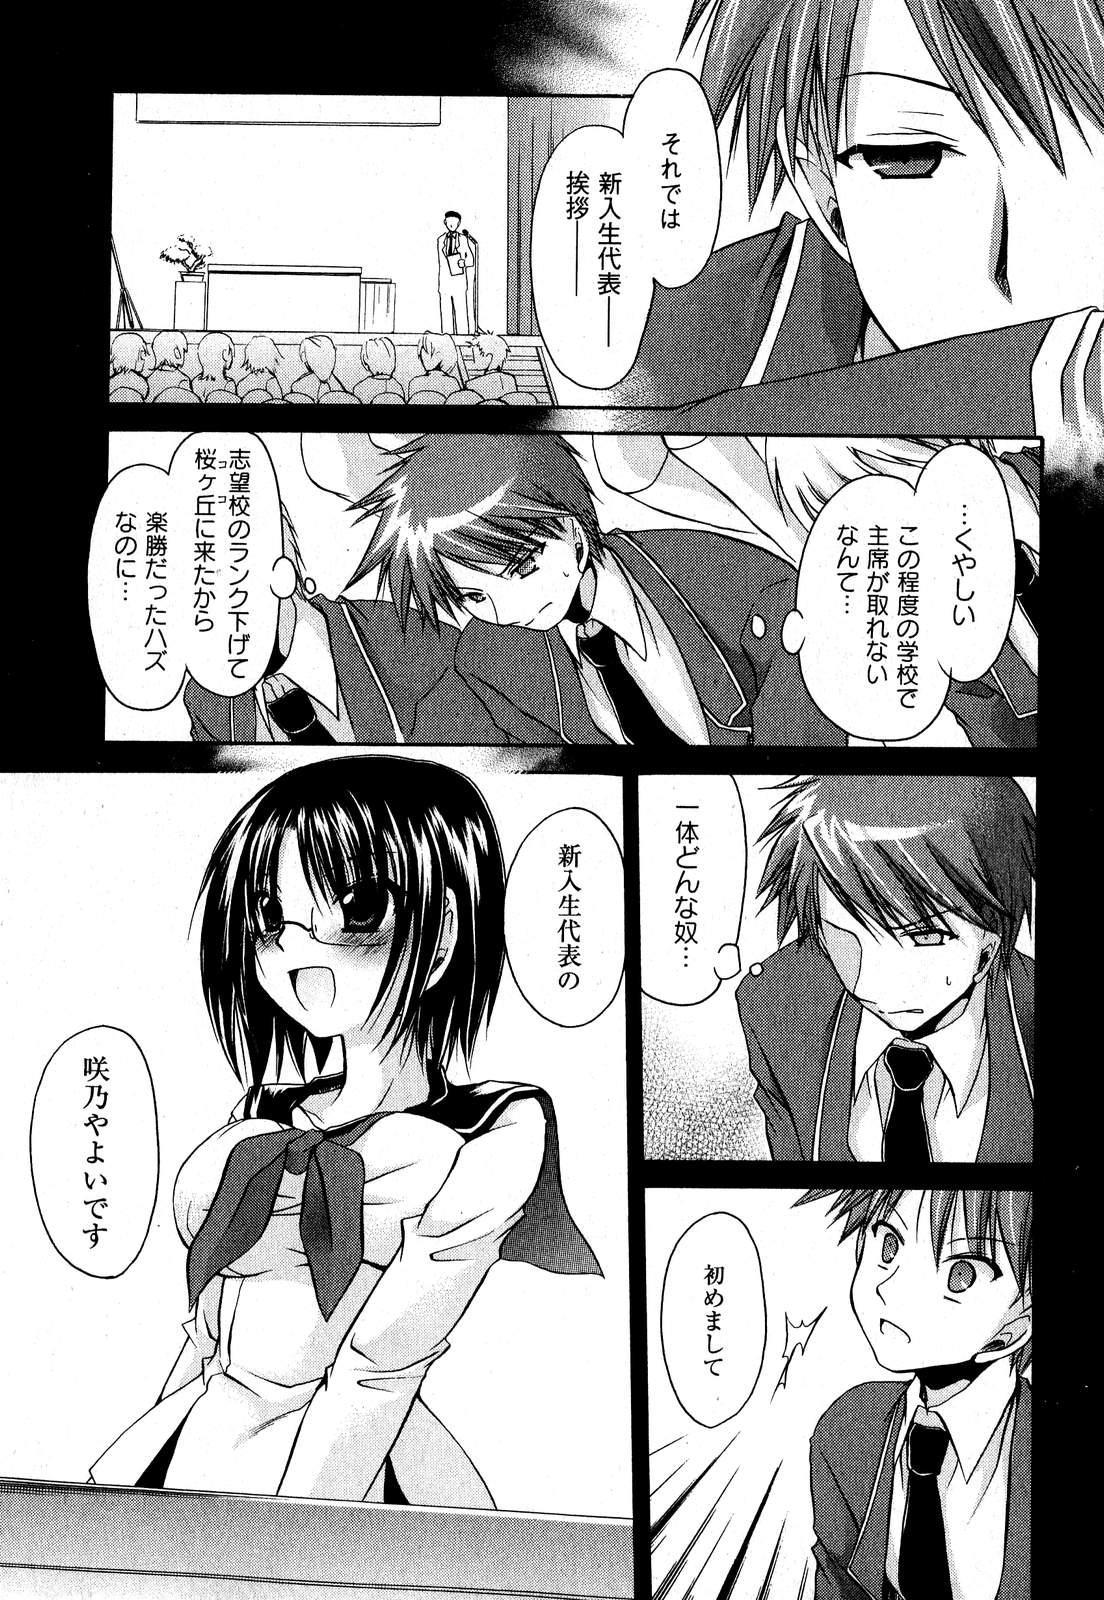 COMIC XO 2007-09 Vol. 16 177